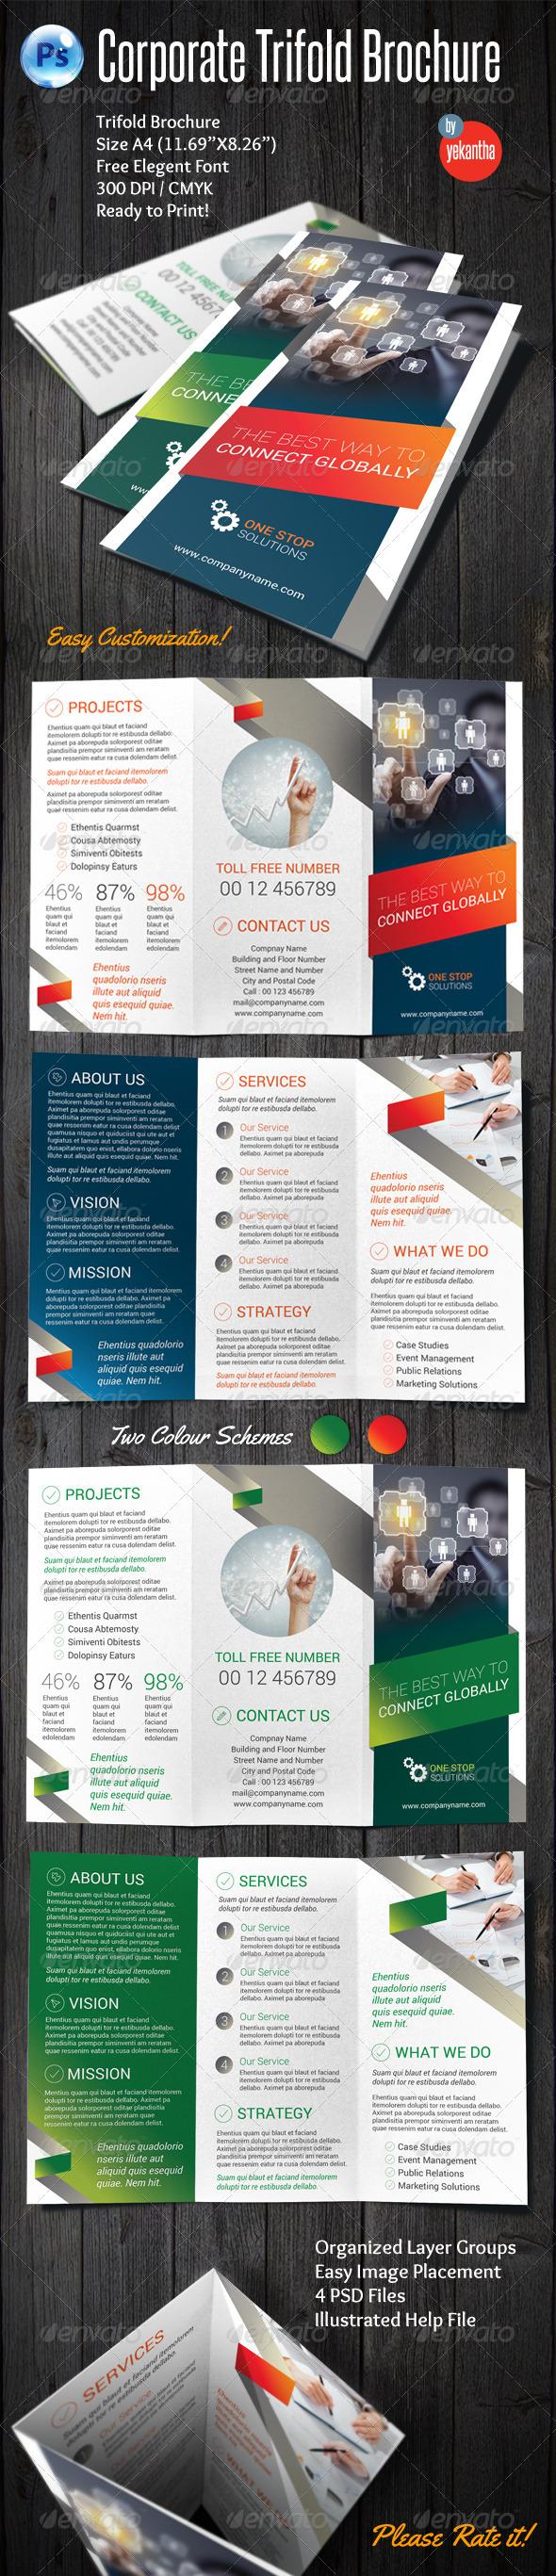 GraphicRiver Corporate Trifold Brochure 8095844